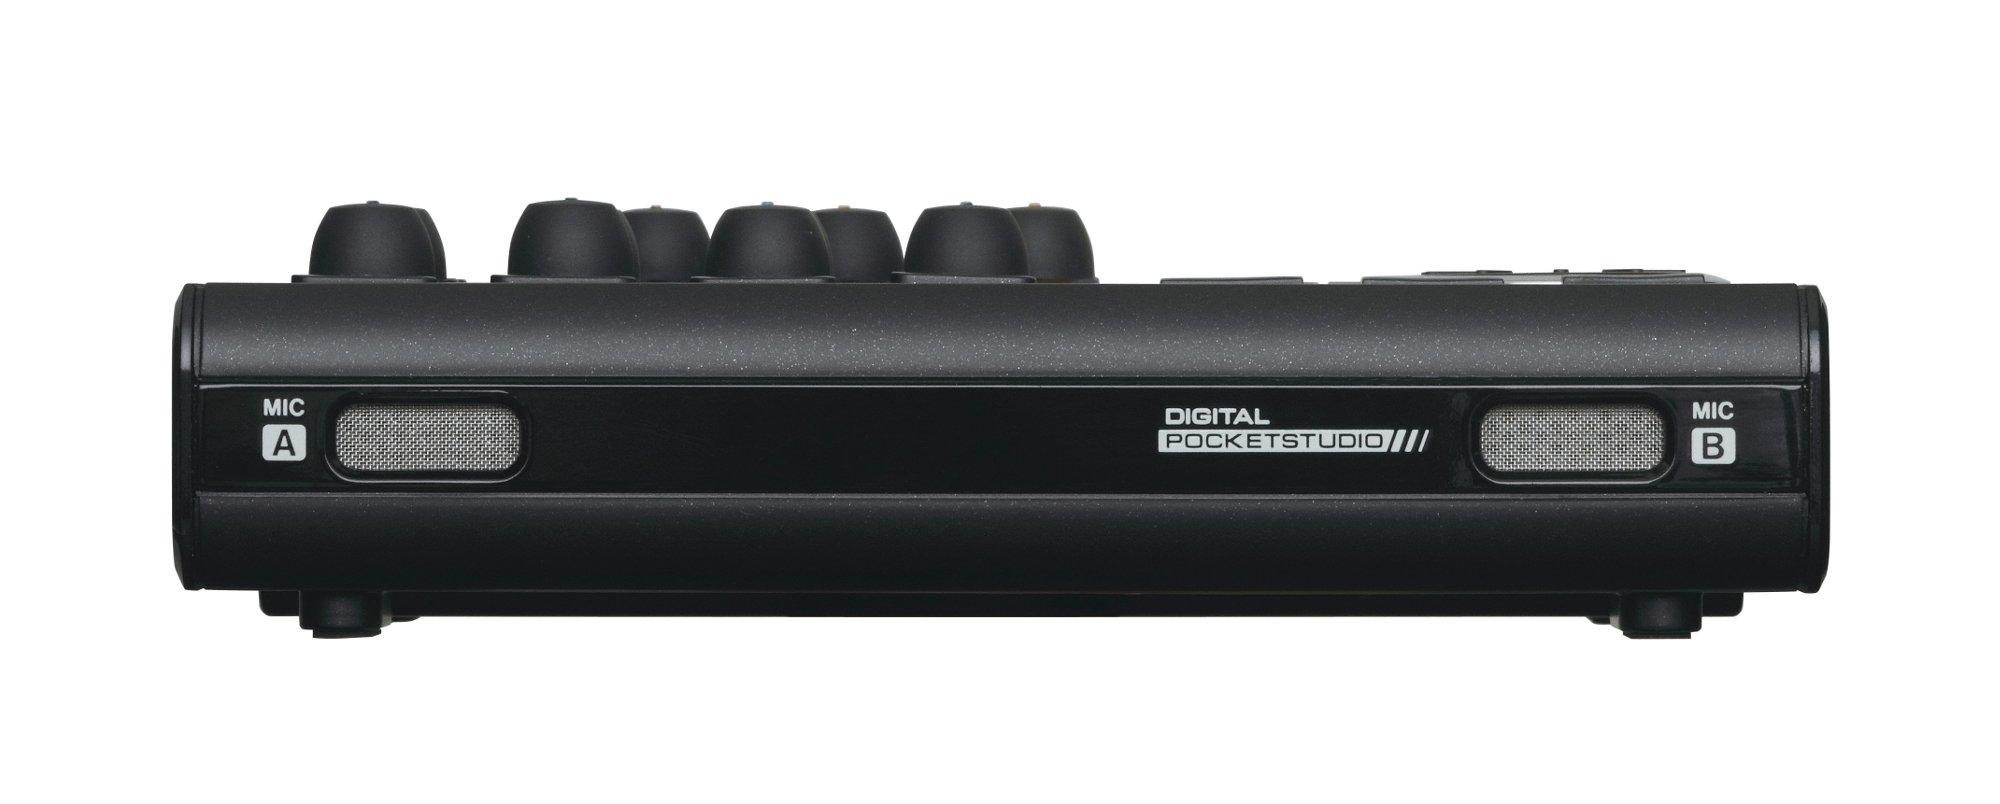 Tascam DP-006 6-Track Digital Pocketstudio Recorder DP-006